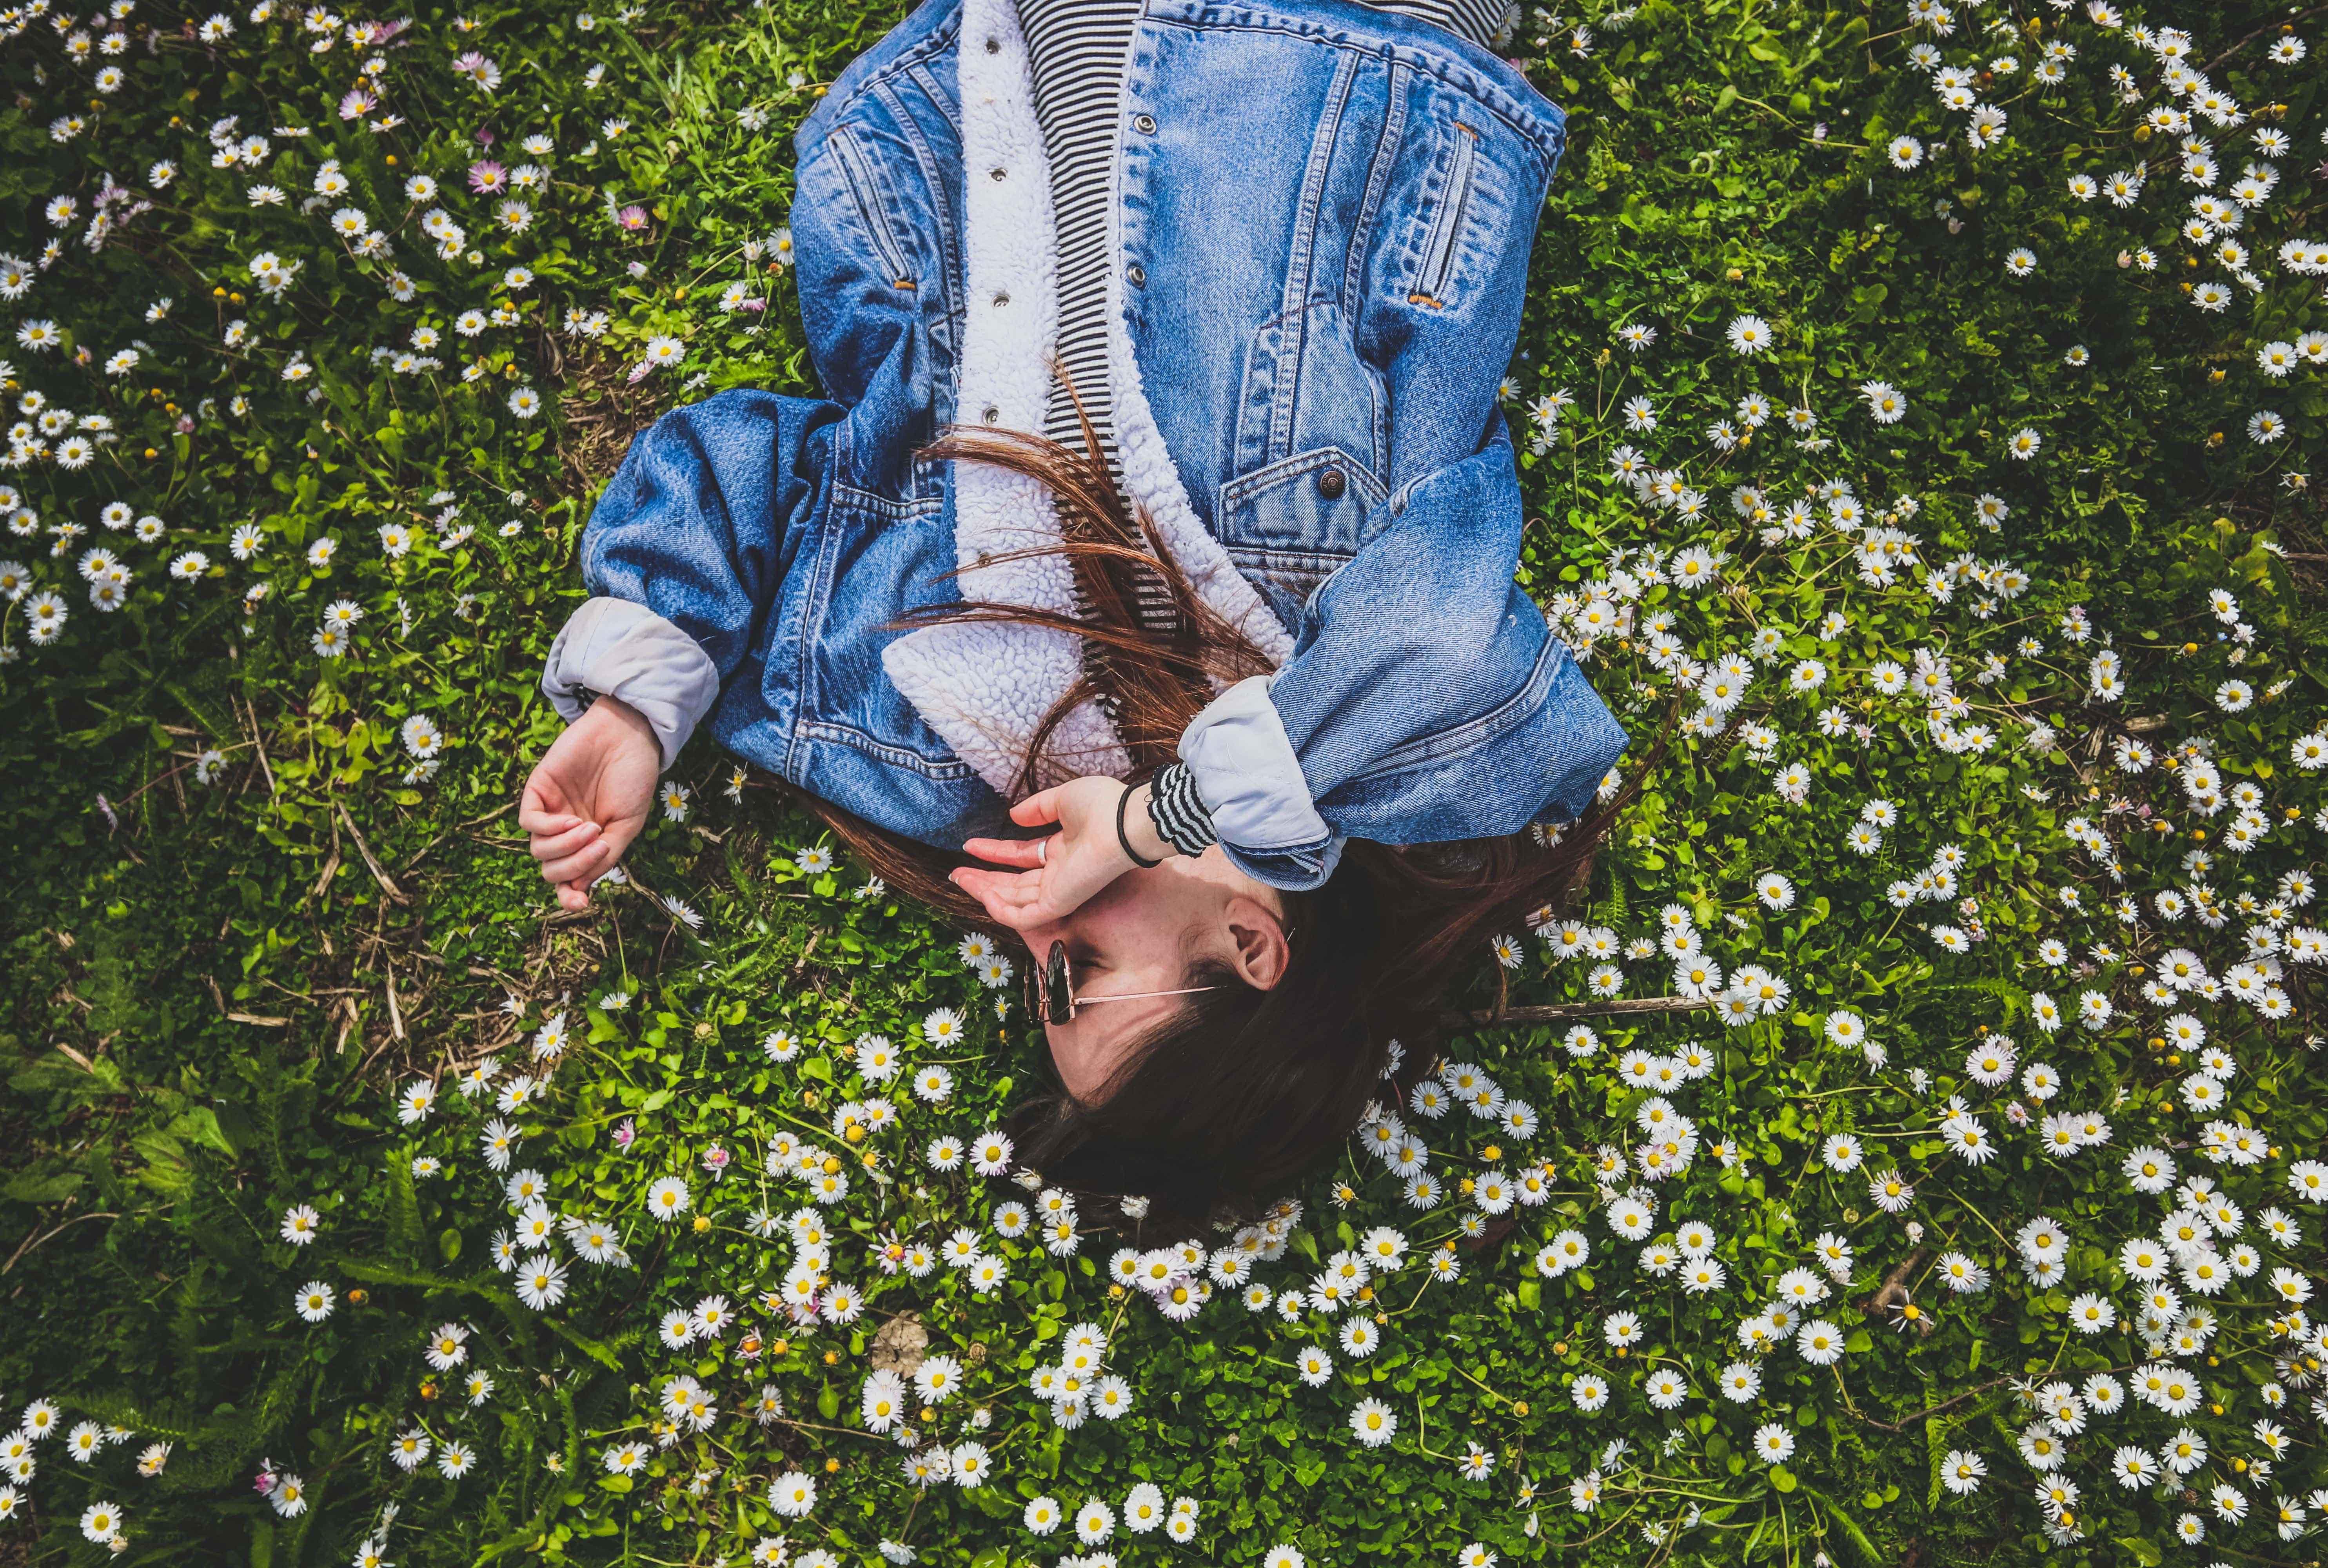 cô gái giữa cánh đồng hoa lối sống tối giản